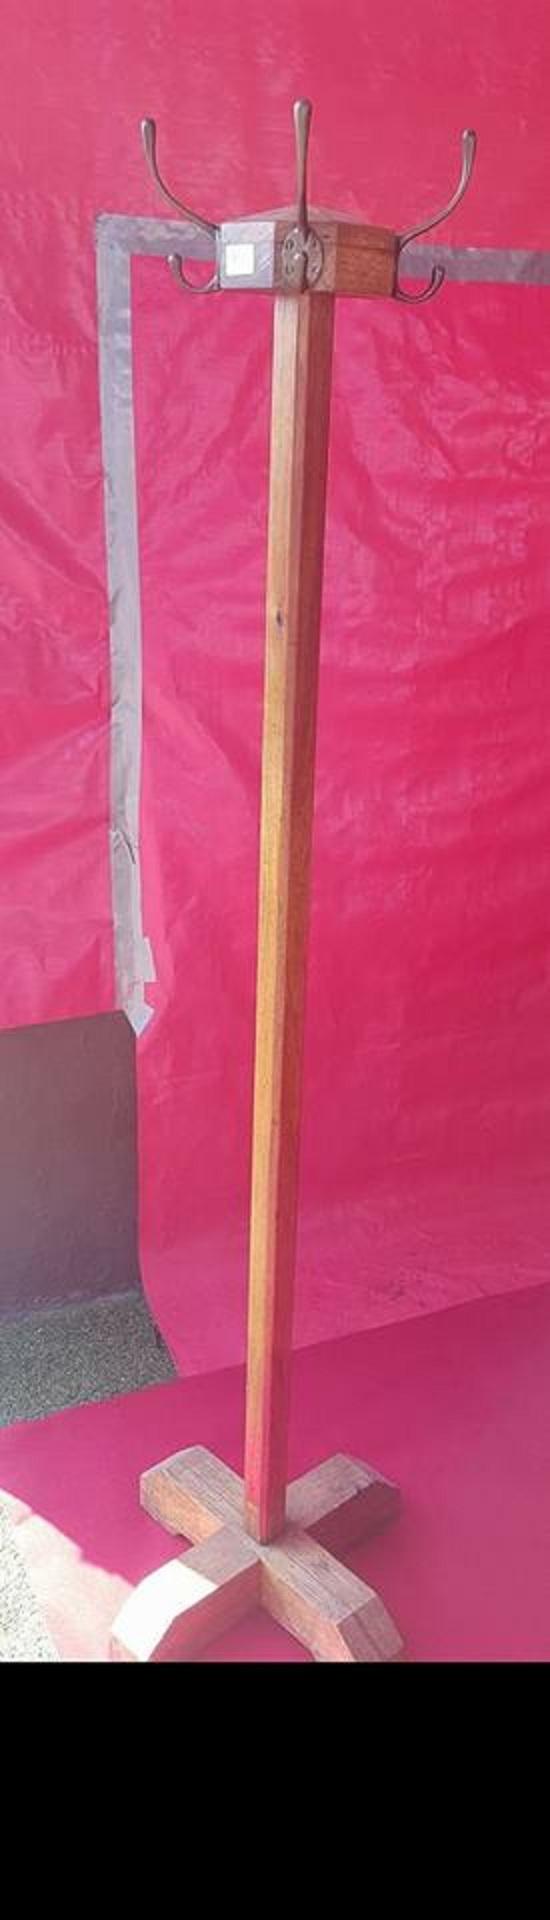 Wooden coat hanger for sale